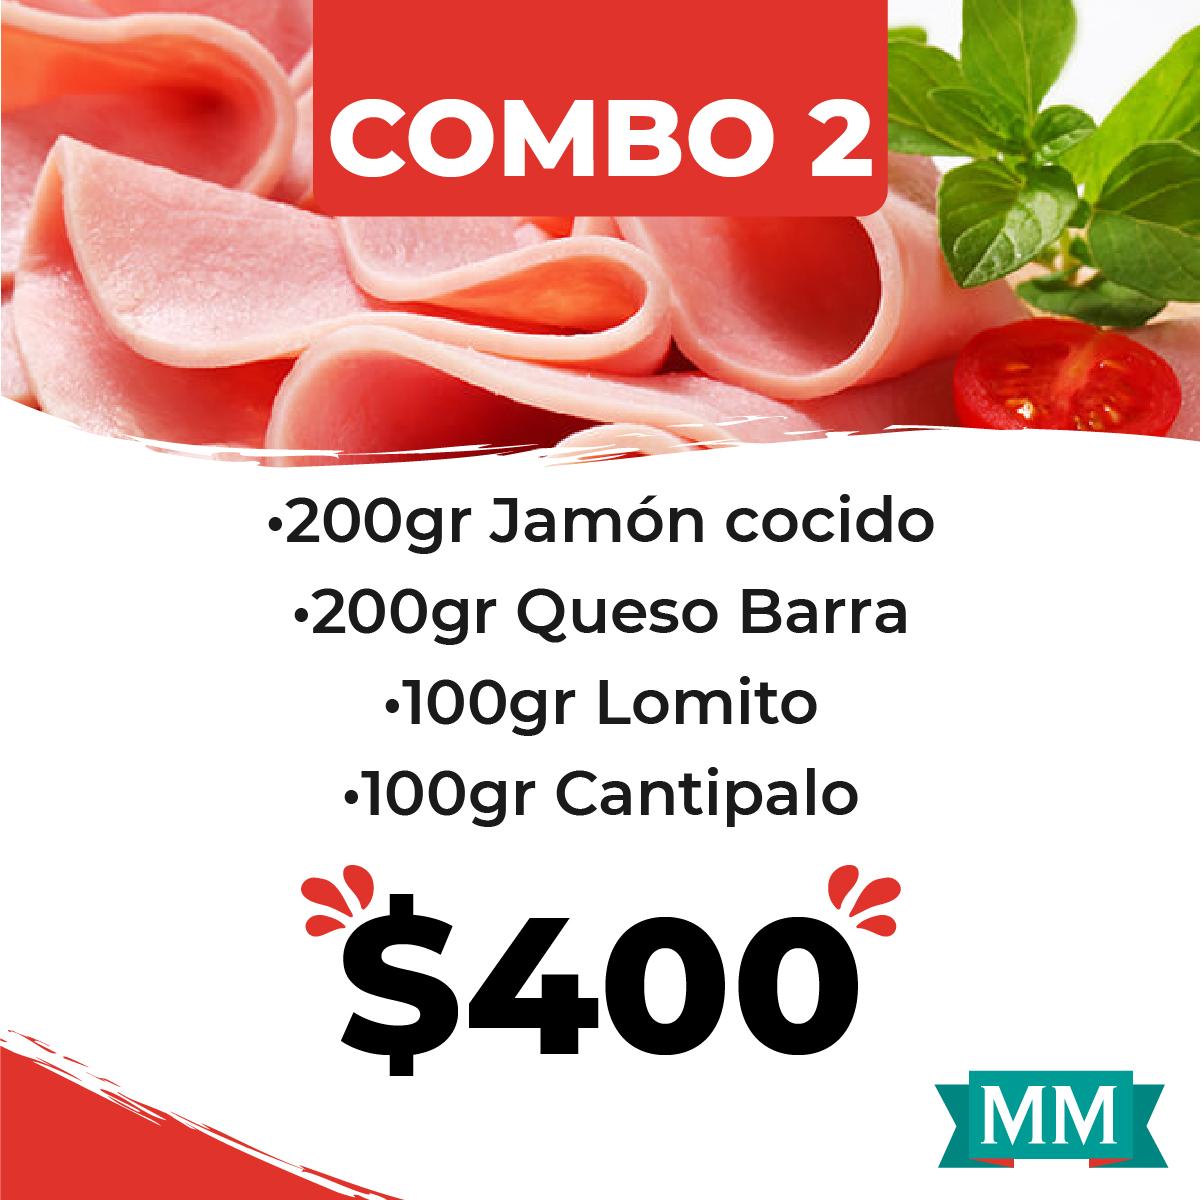 placas combos MM-02